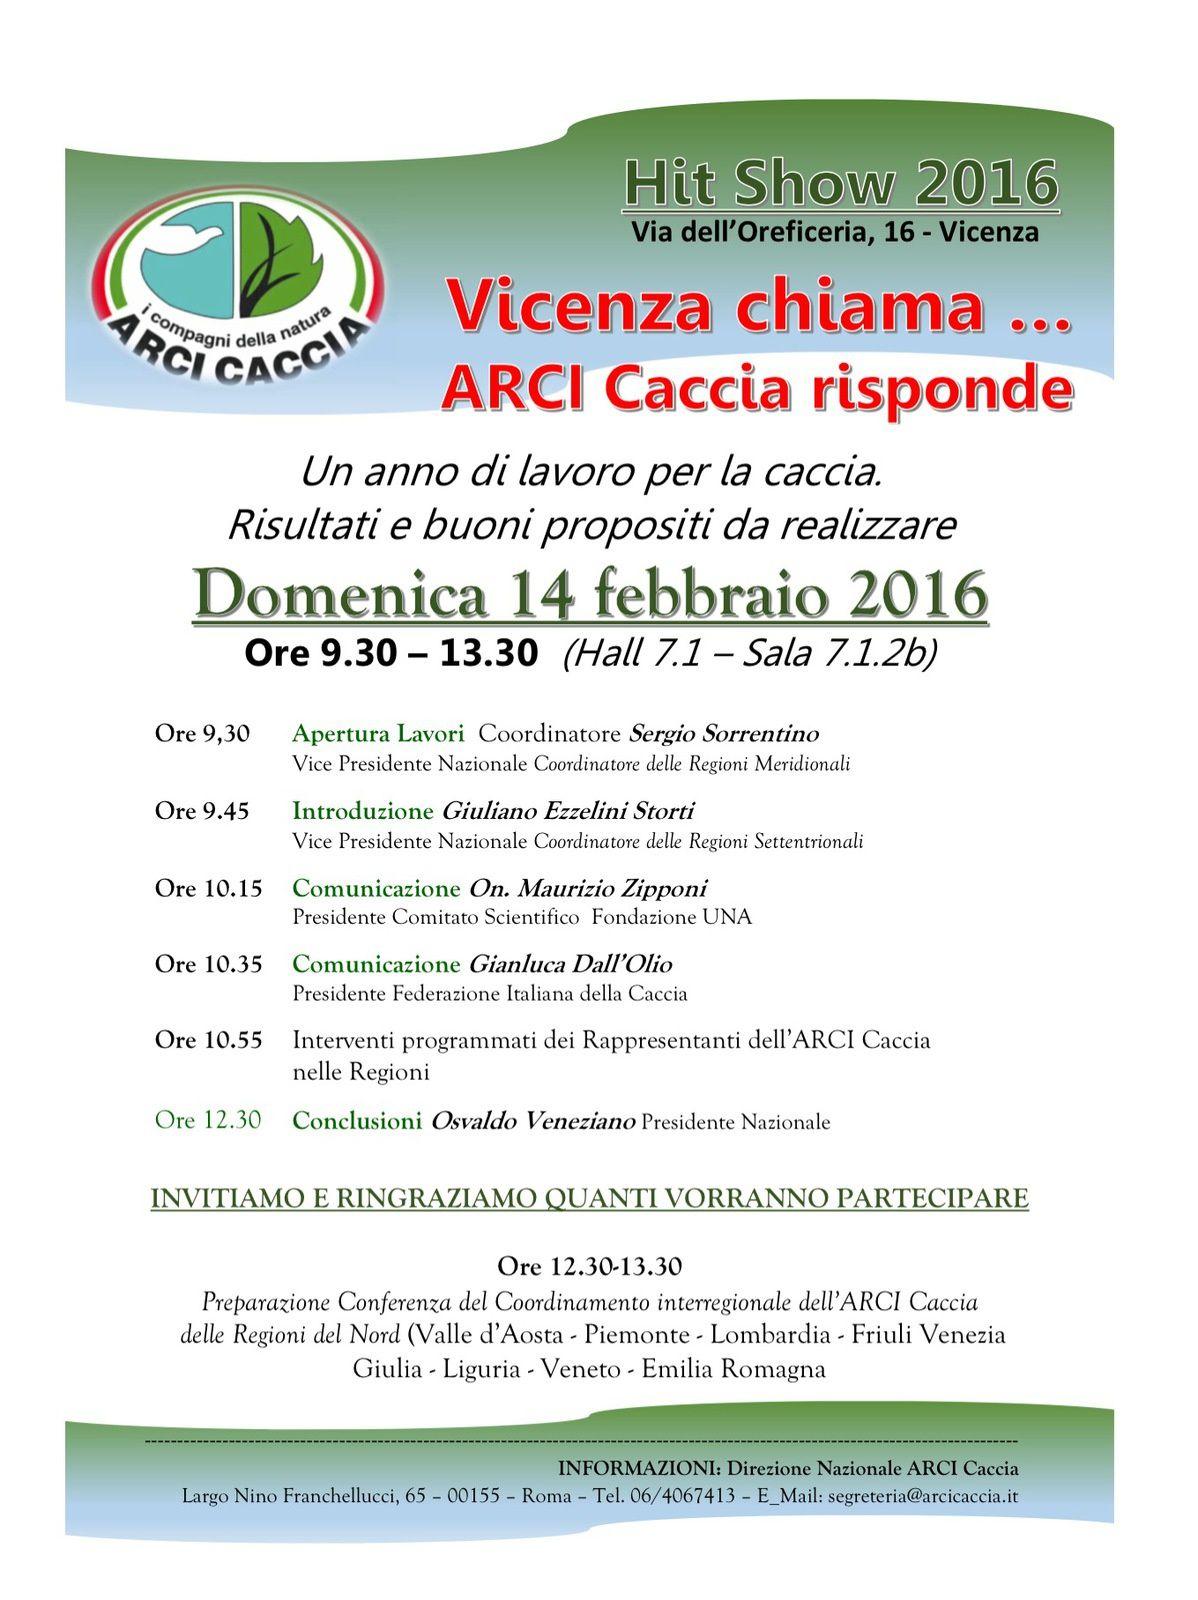 Vicenza chiama...... ARCI Caccia risponde!